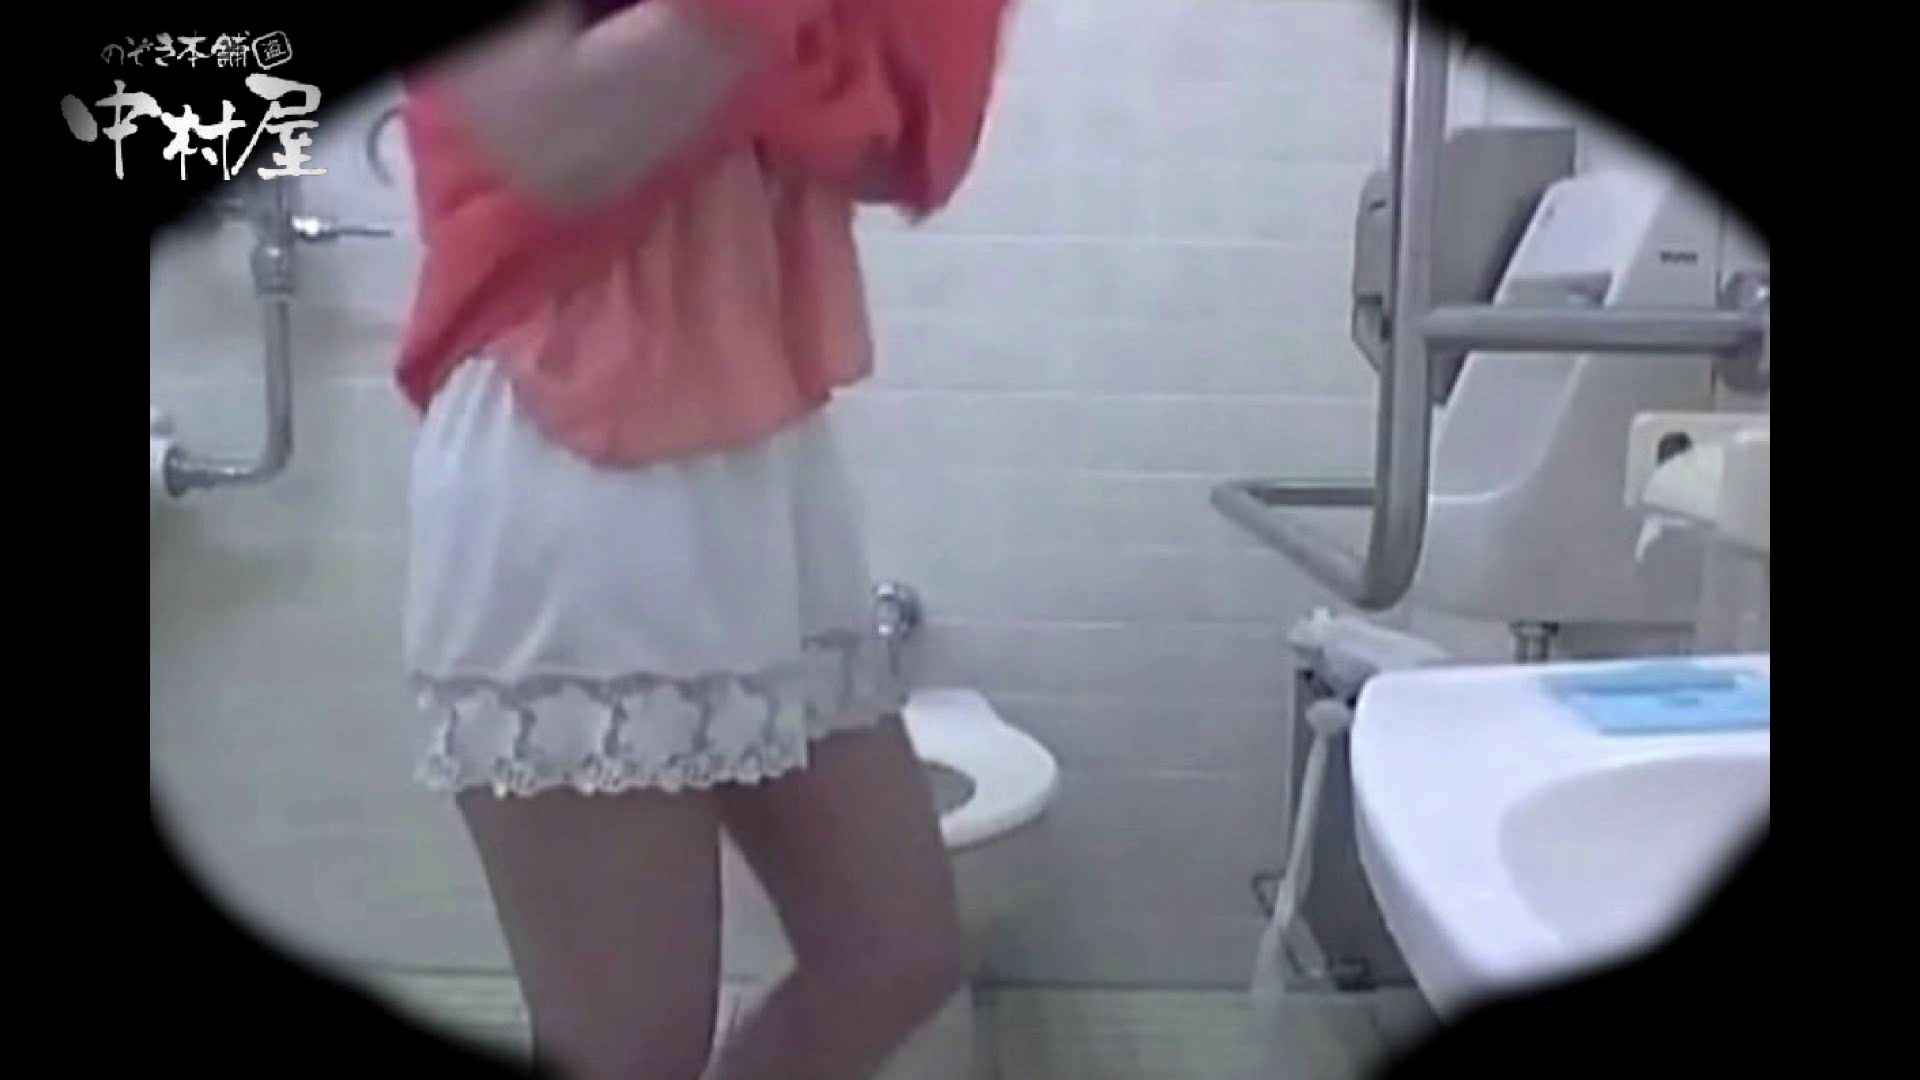 teen galトイレ覗き紙がナイ編‼vol.13 覗き放題 のぞきおめこ無修正画像 59画像 7